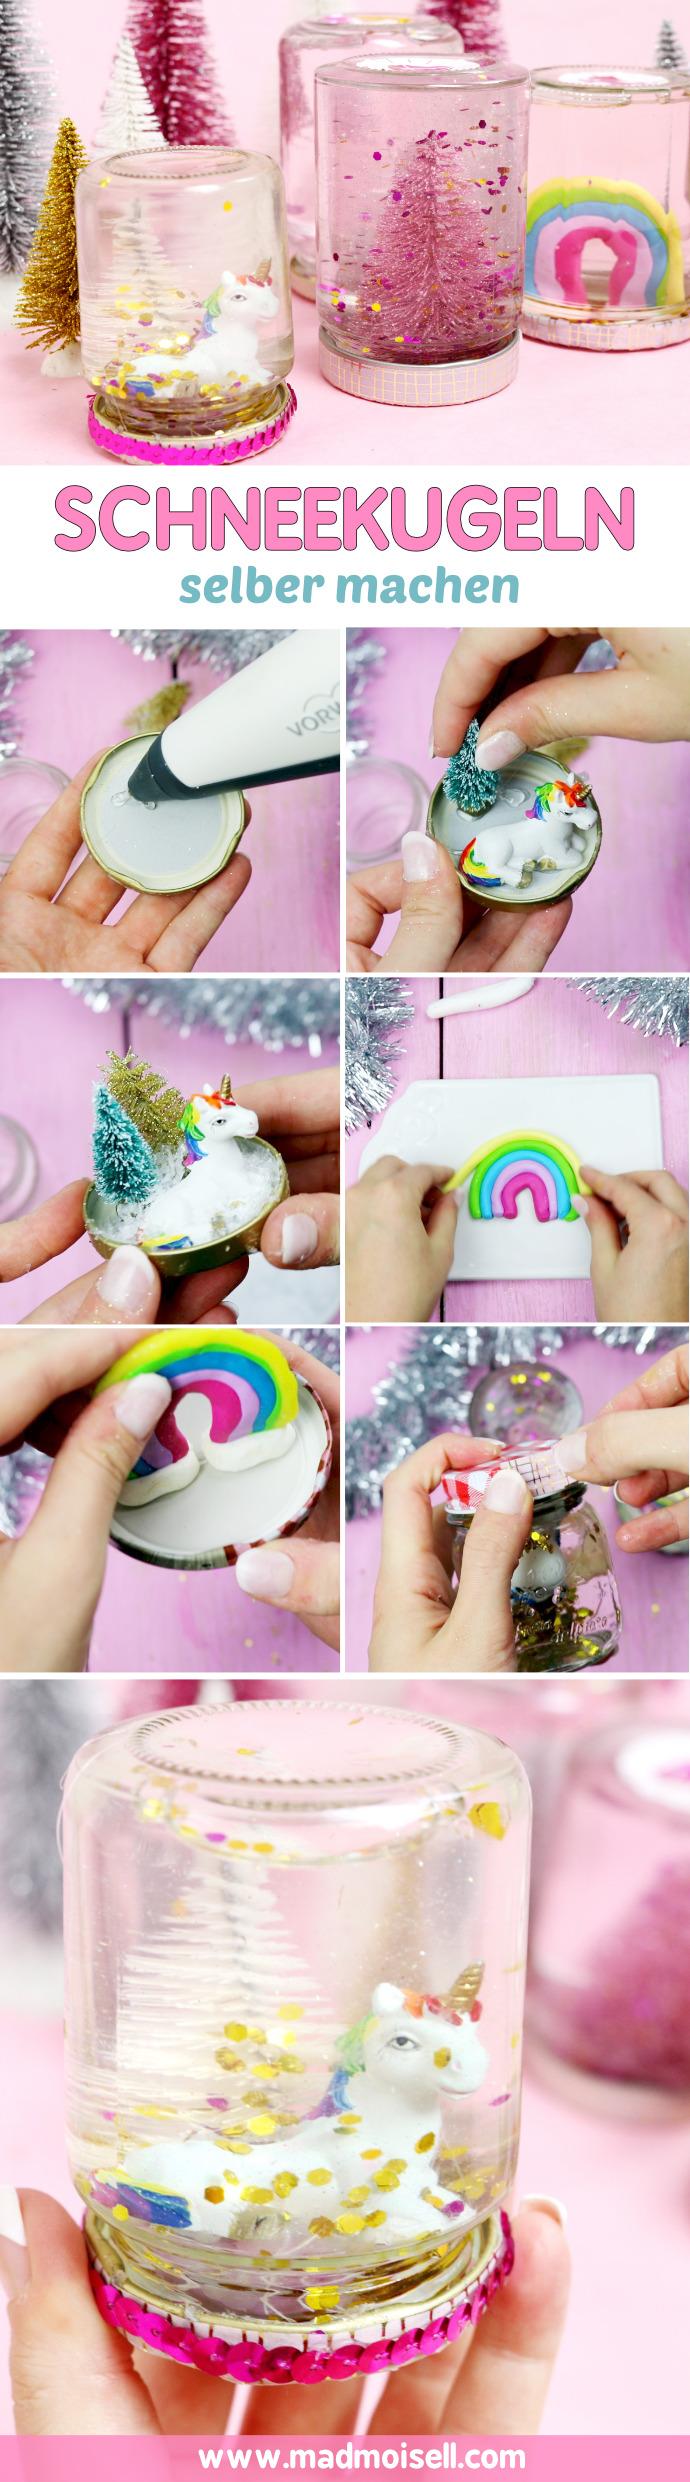 Fabulous DIY Schneekugeln selber machen: Günstiges Geschenk für Weihnachten JI54